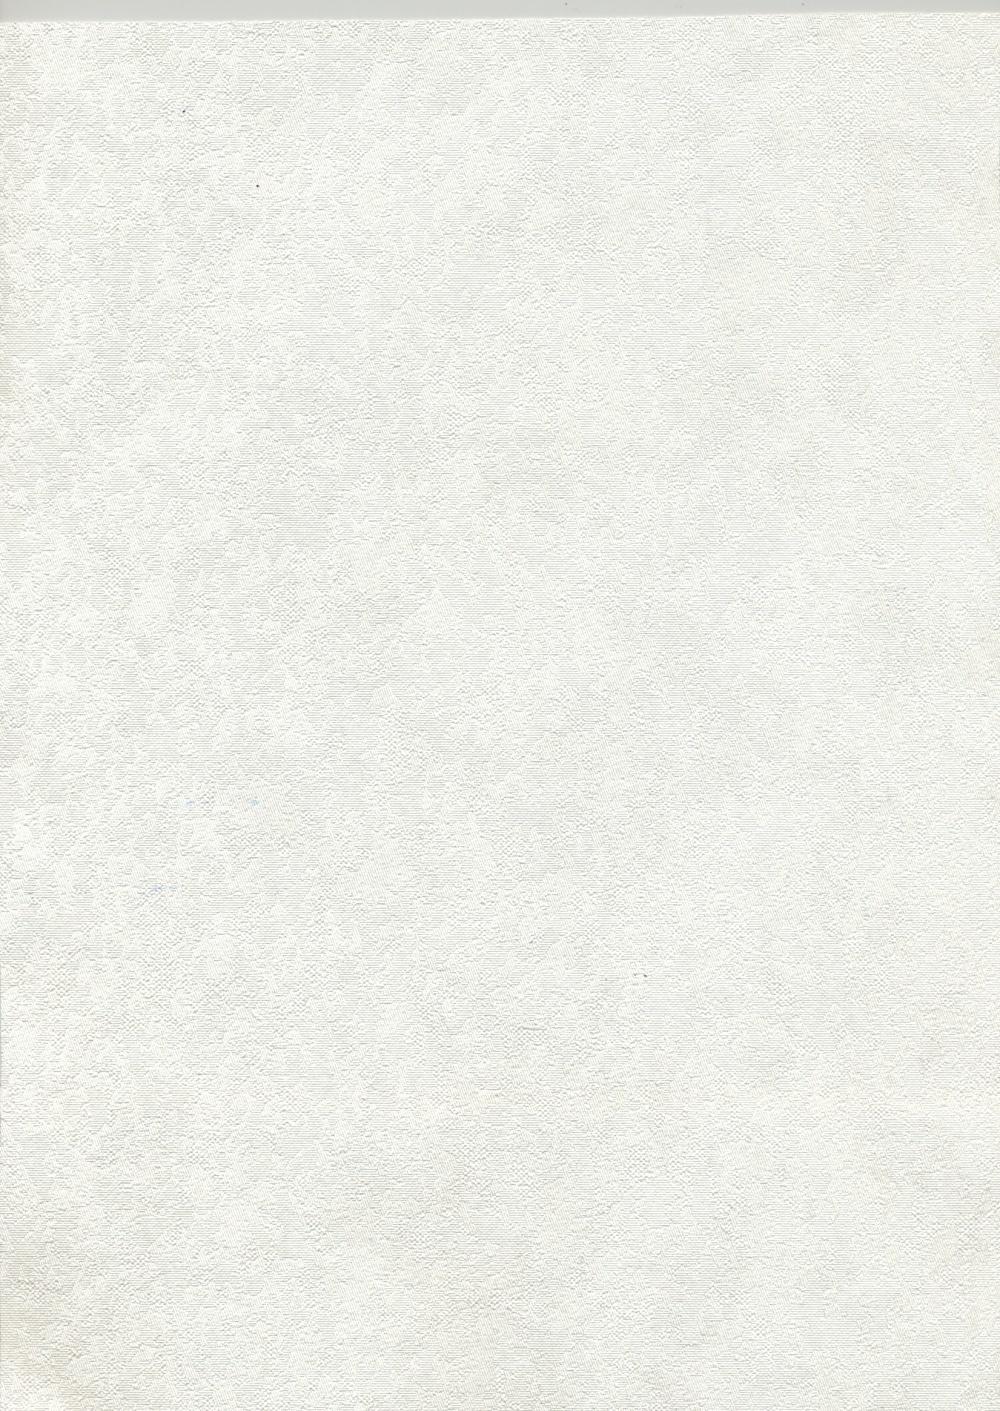 Солярис фон арт. 1090-11